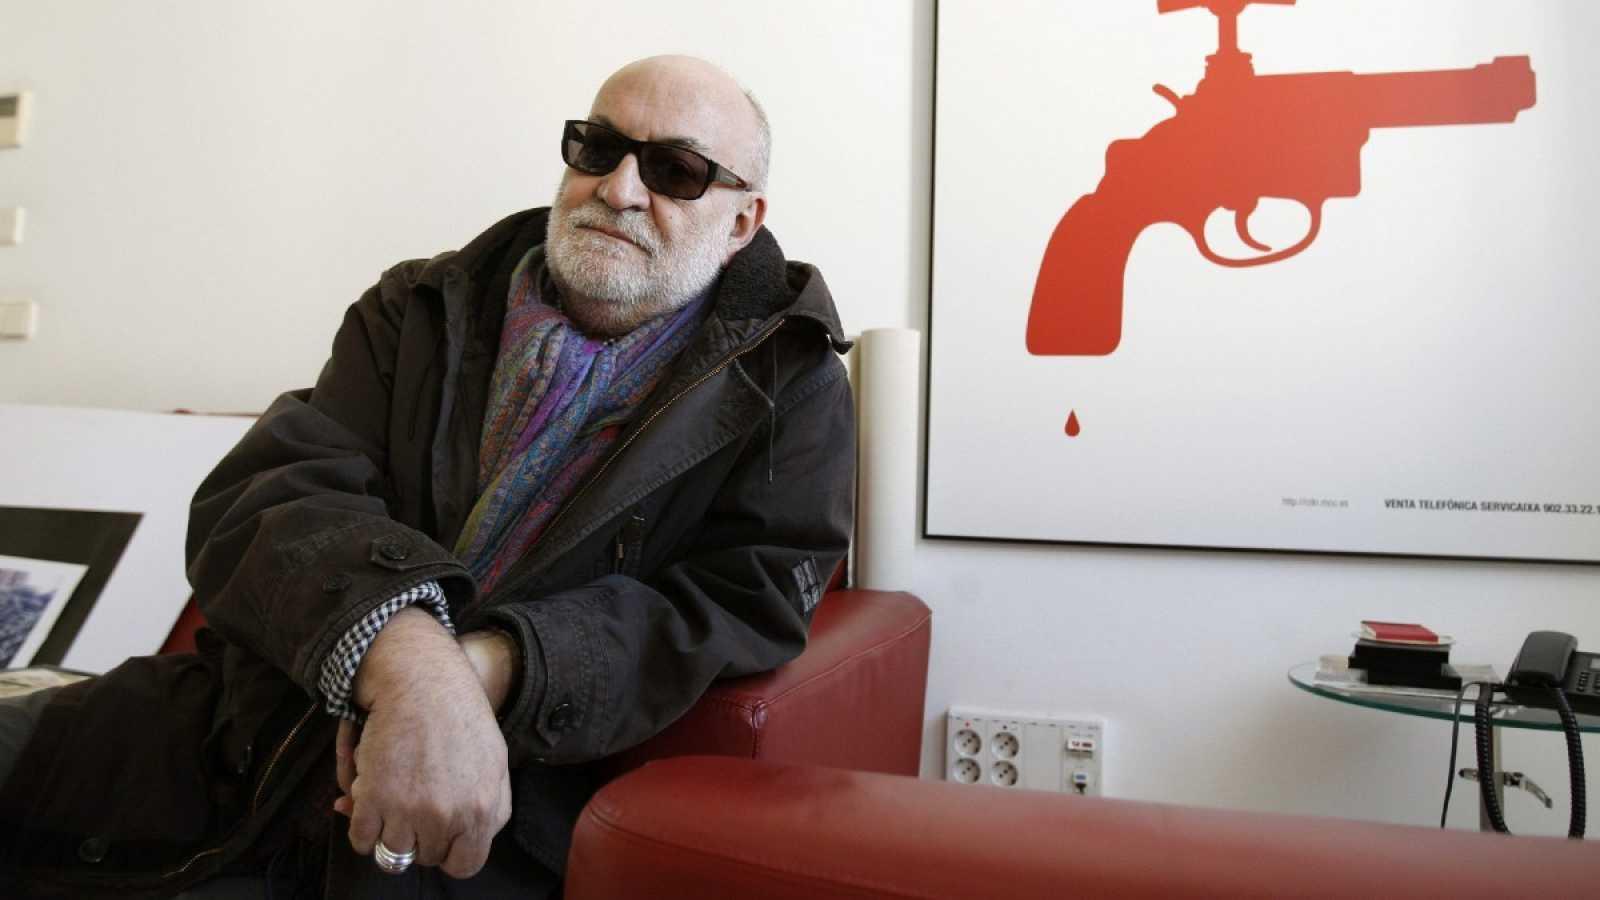 El director y escenógrafo Gerardo Vera, en una imagen de archivo del año 2011